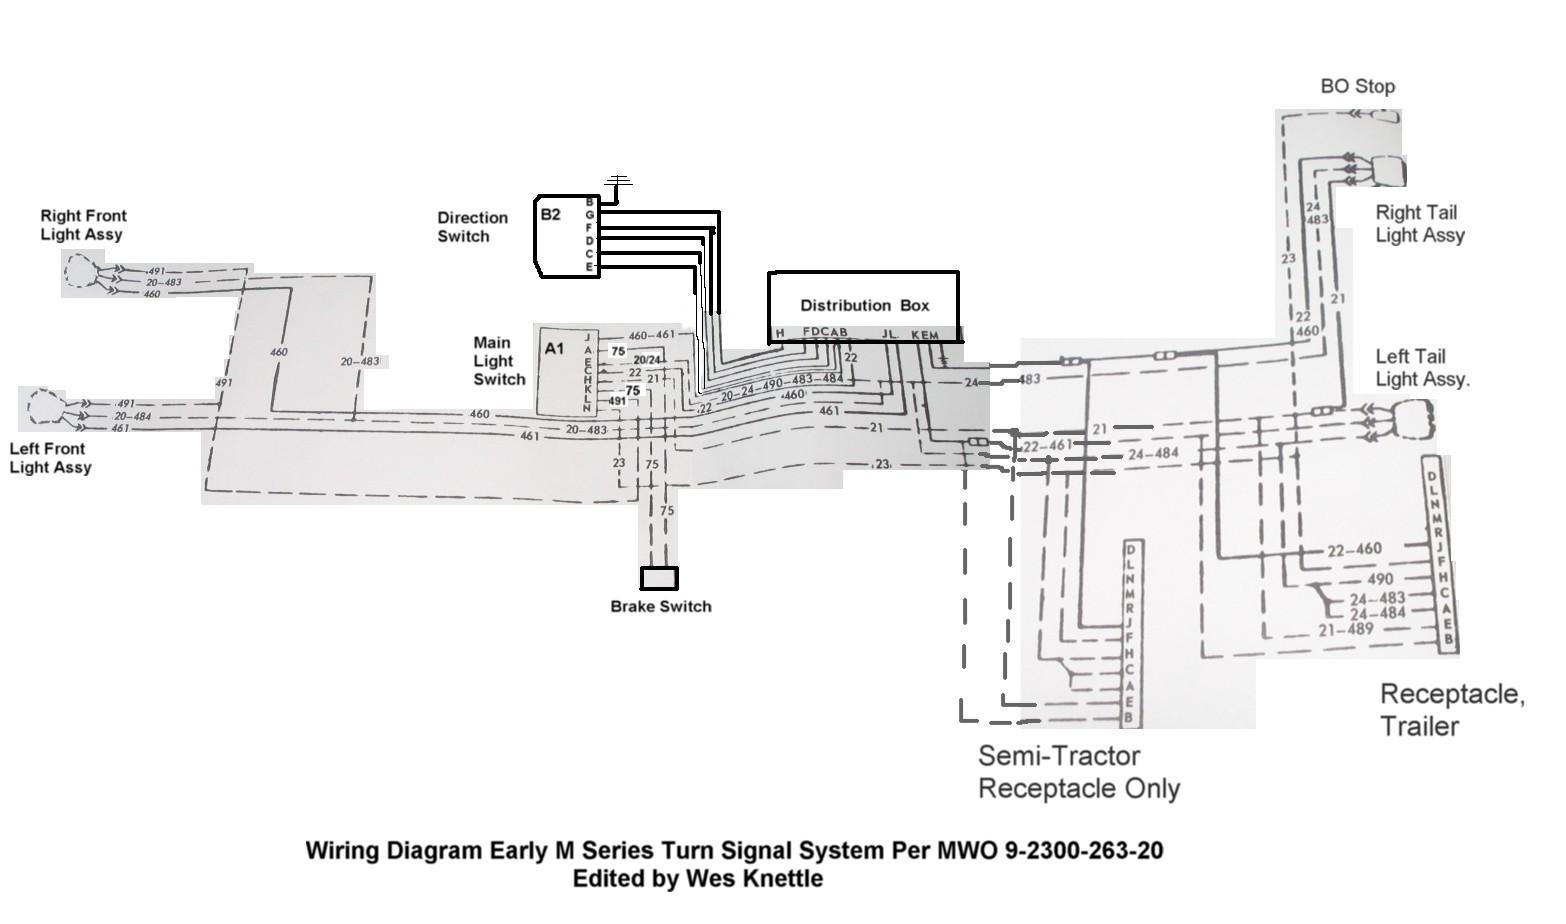 [SCHEMATICS_48YU]  NO_0468] Signal Stat 900 Turn Signal Switch Signal Stat 900 Wiring Diagram  Schematic Wiring | Vsm 900 Turn Signal Wiring Diagram |  | Odga Aidew Illuminateatx Librar Wiring 101